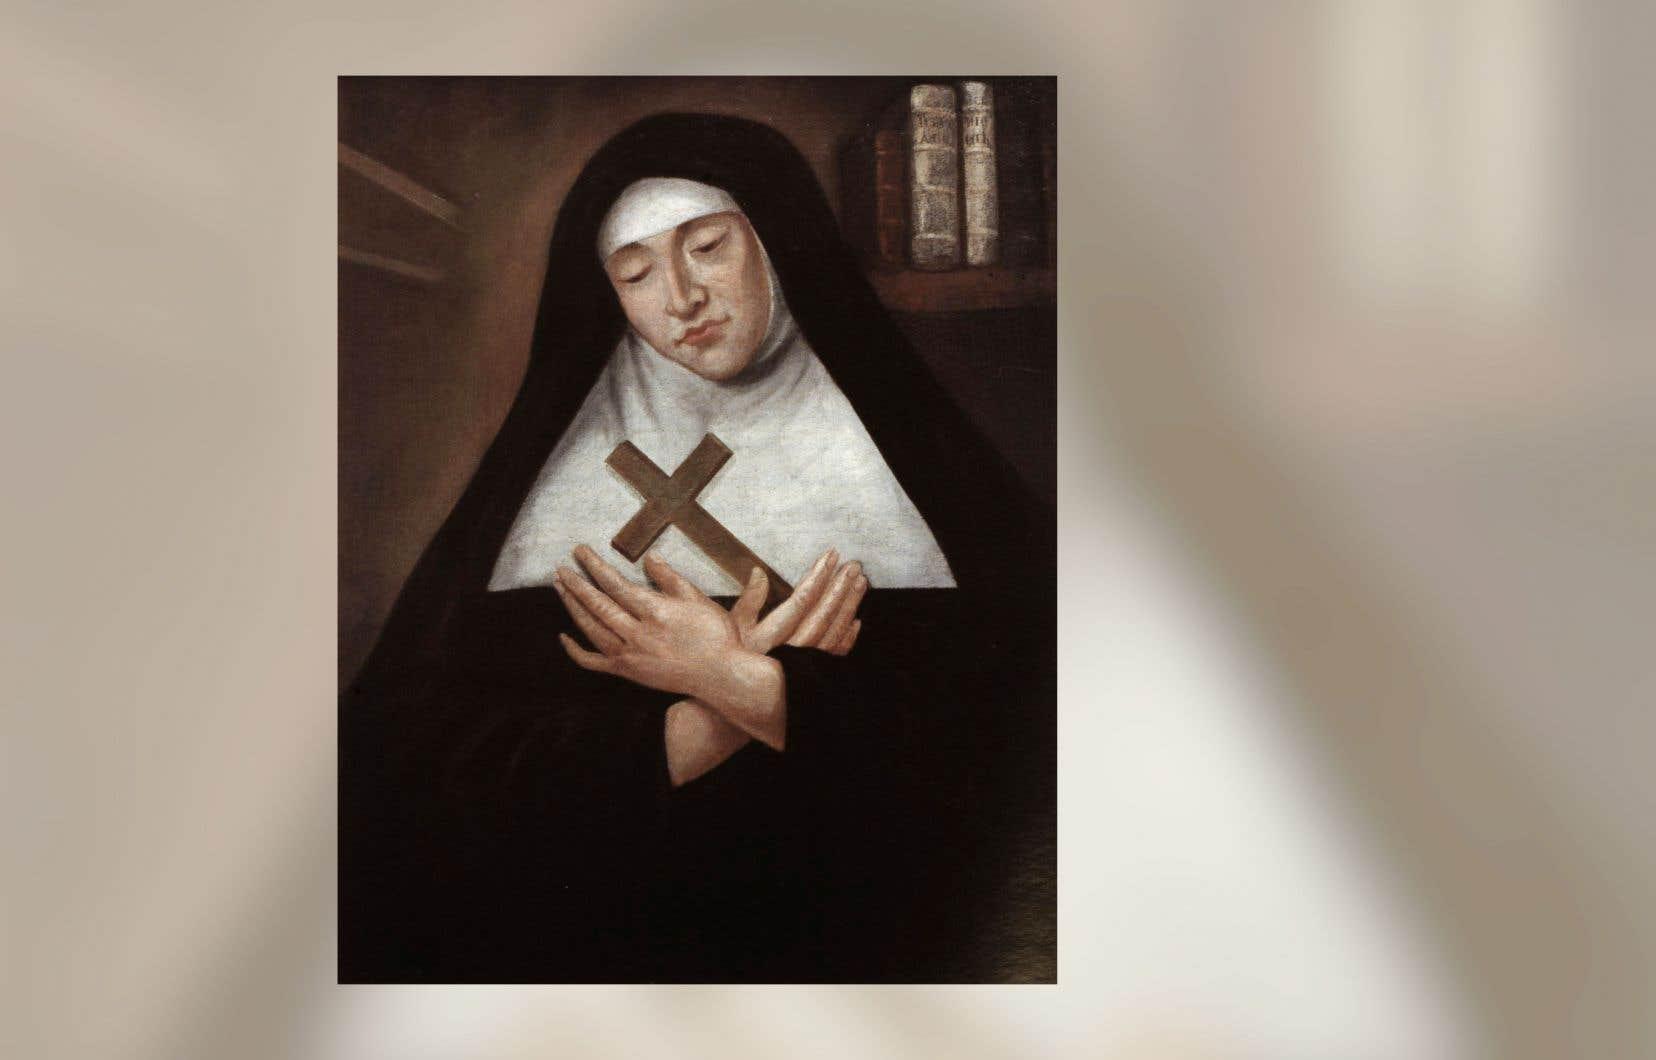 Portrait de Marie de l'Incarnation, attribué au peintre et missionnaire Hugues Pommier, lequel arrive à Québec en 1664. Un professeur d'histoire de l'Université Laval tente de redonner vie à la fondatrice des Ursulines.